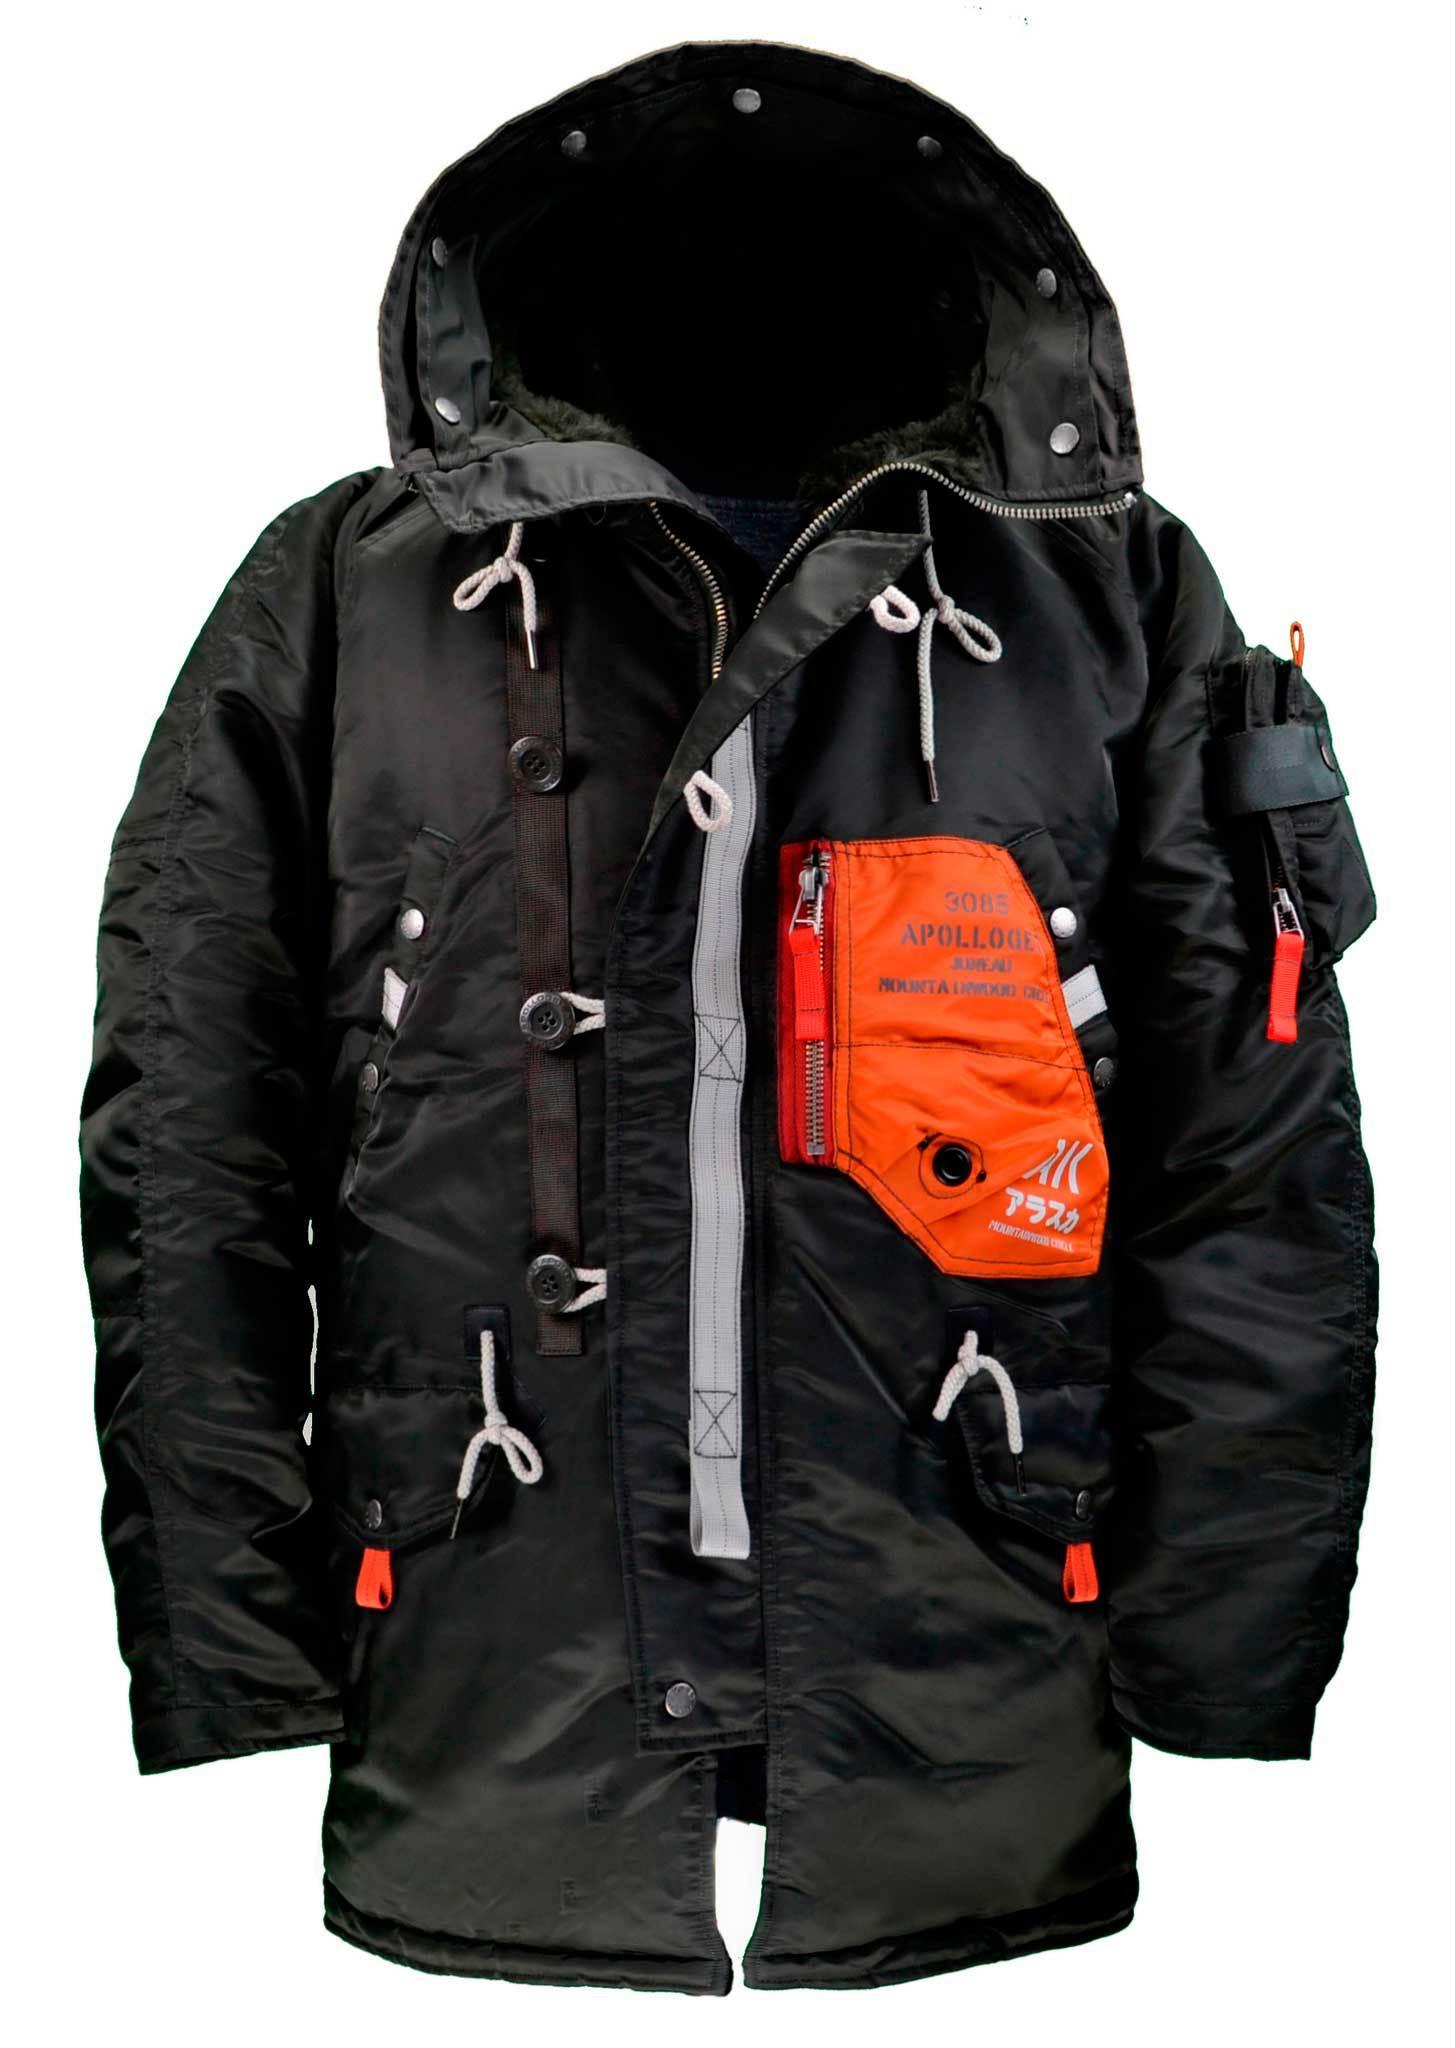 Куртка Аляска  Apolloget Sapporo 2018 (т.серая - beluga)